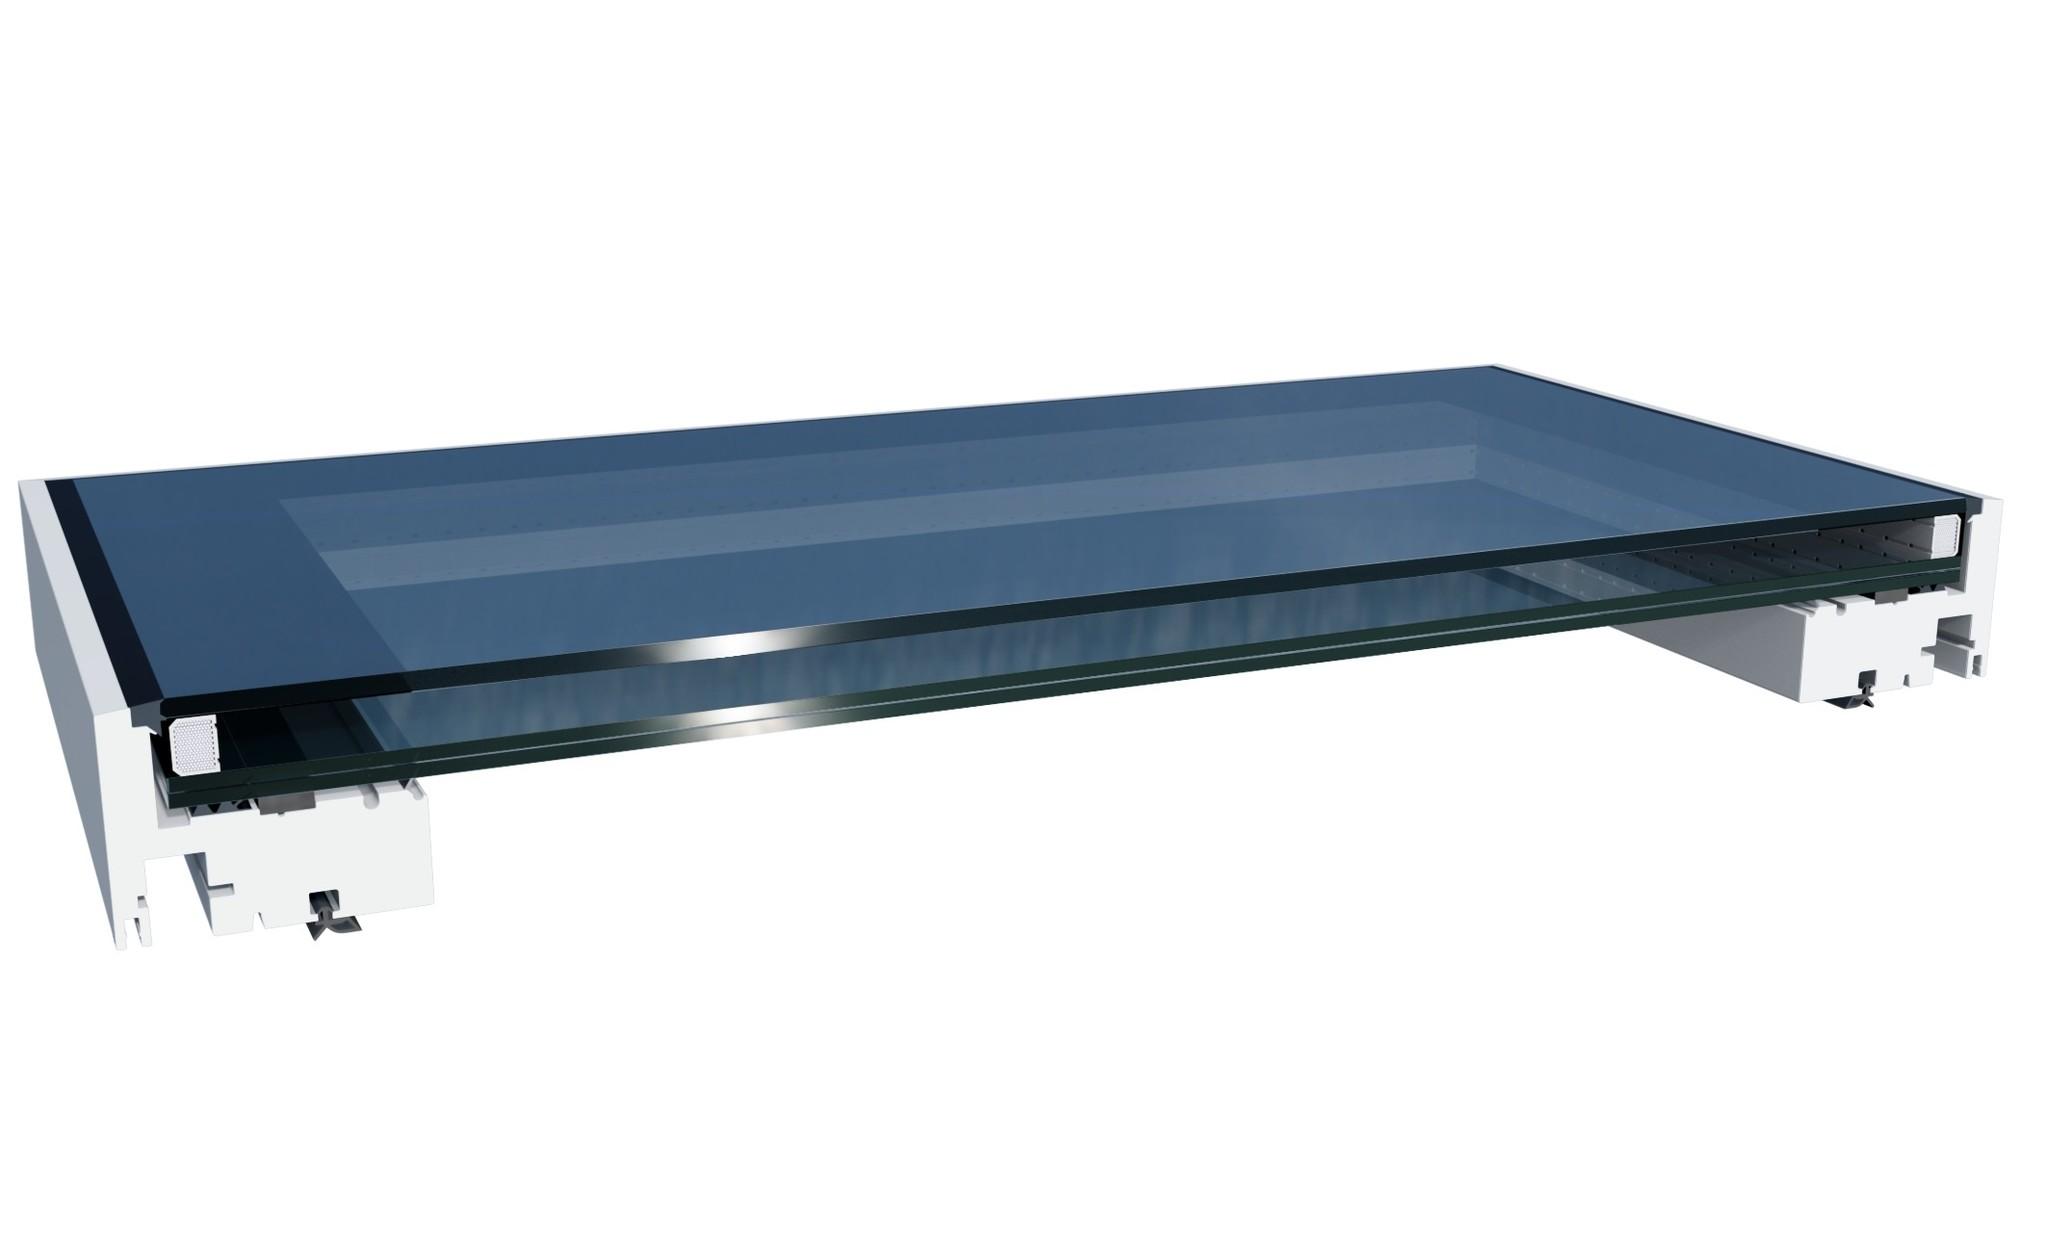 Intura - Lichtkoepel renovatiemodule Intura DGP A1 100x100cm - upgrade oude lichtkoepels